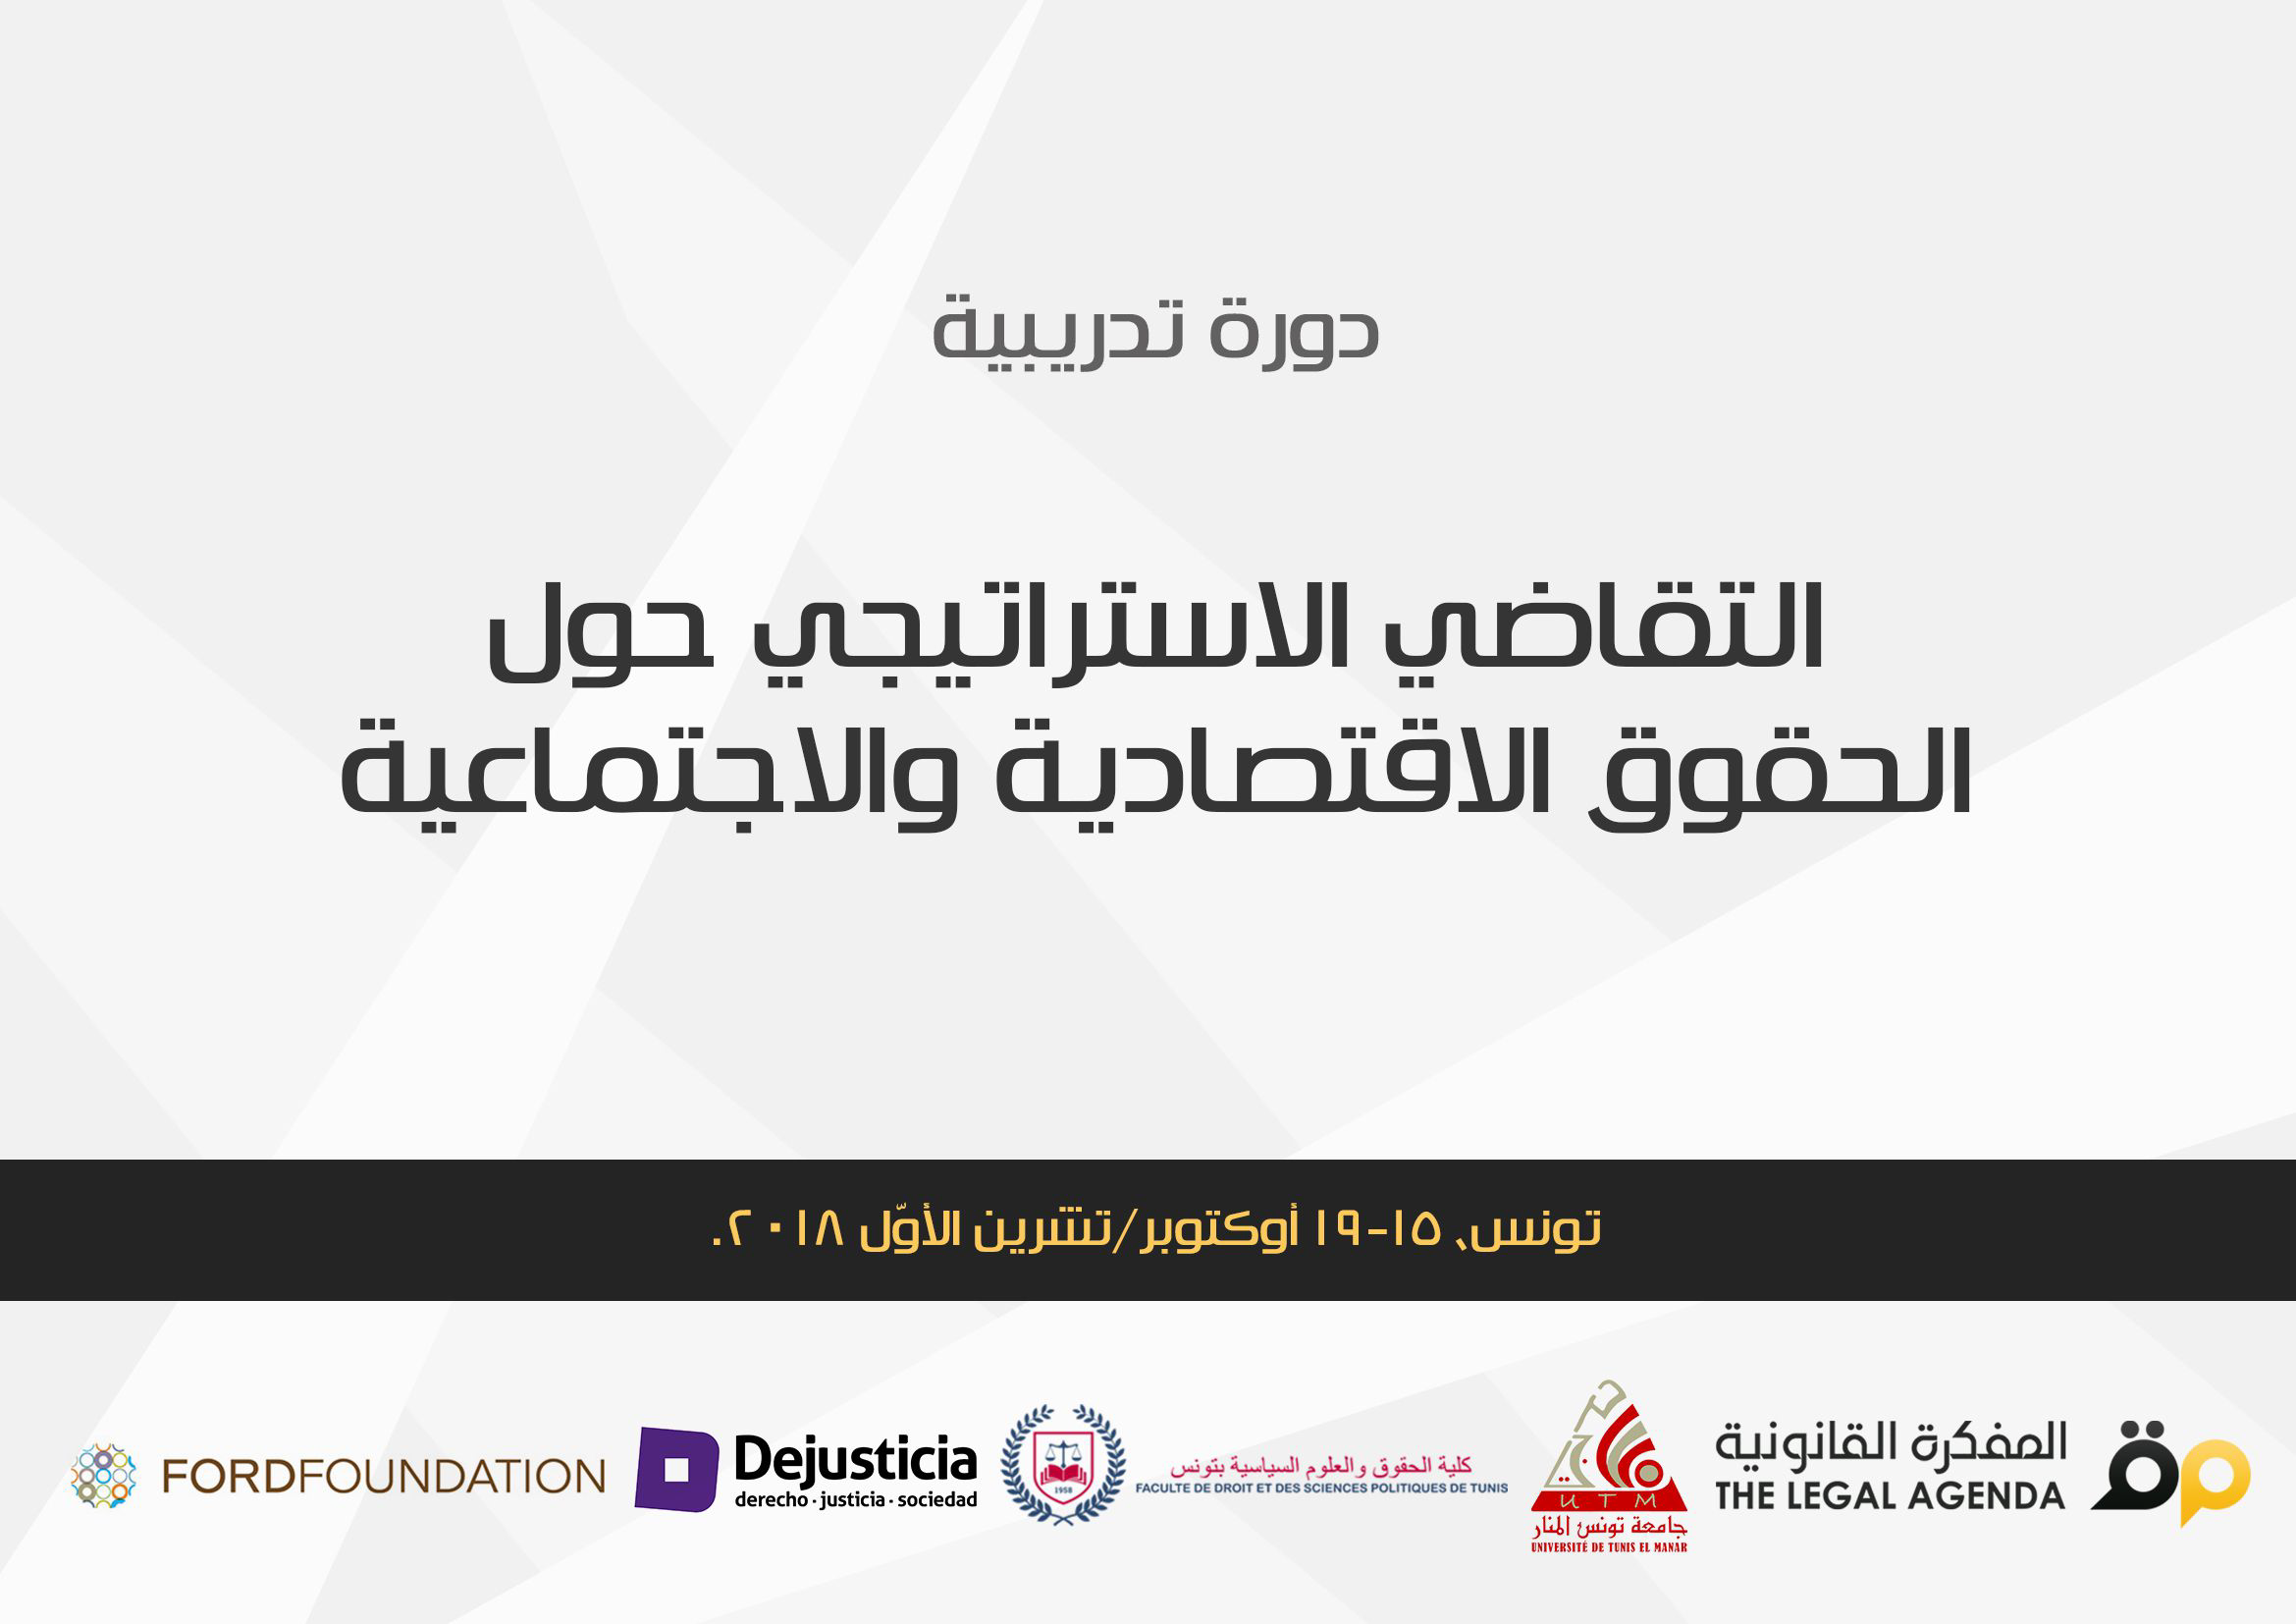 """الإعلان عن دورة تدريبية بعنوان """"التقاضي الاستراتيجي حول الحقوق الاقتصادية والاجتماعية"""" في تونس، 15-19 أوكتوبر/تشرين الأوّل 2018"""